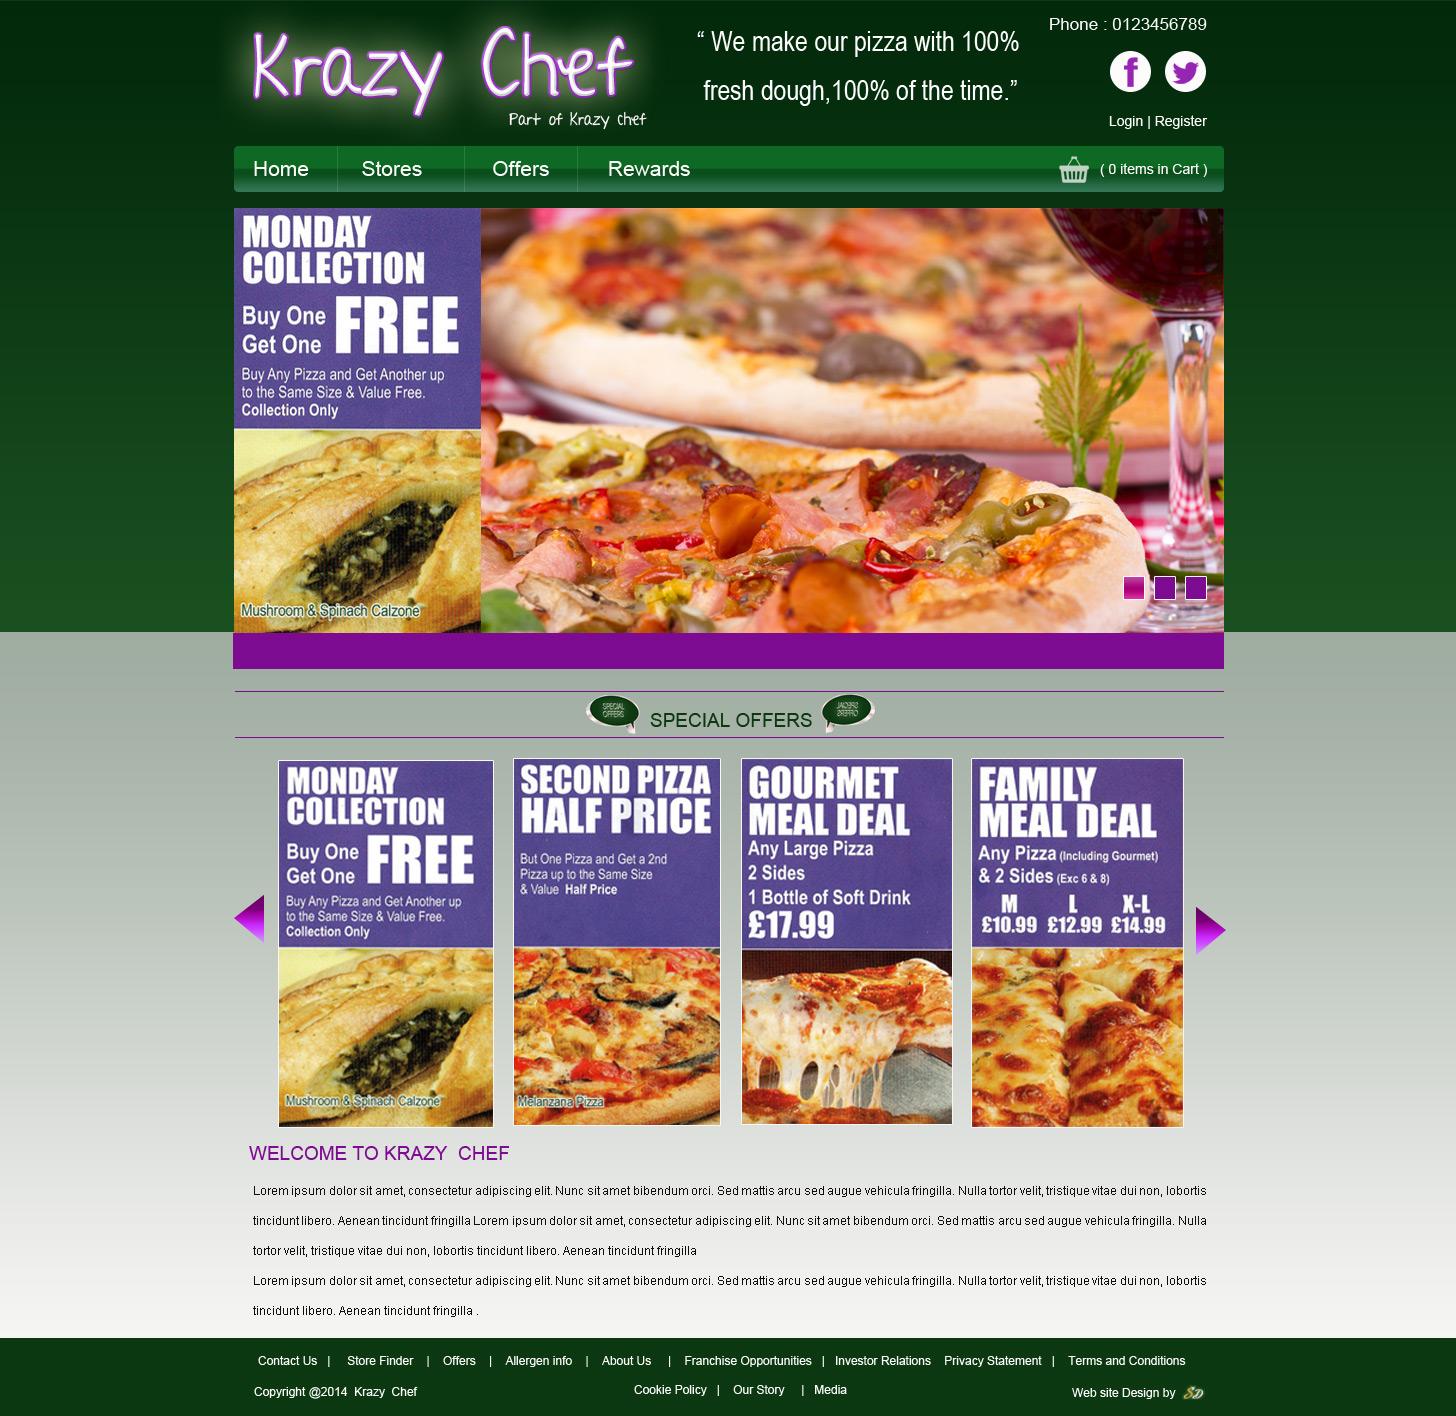 Krazy Chef, Takeaway Website, Takeaway Website Design, Fast Food Website, Fast Food Website Design